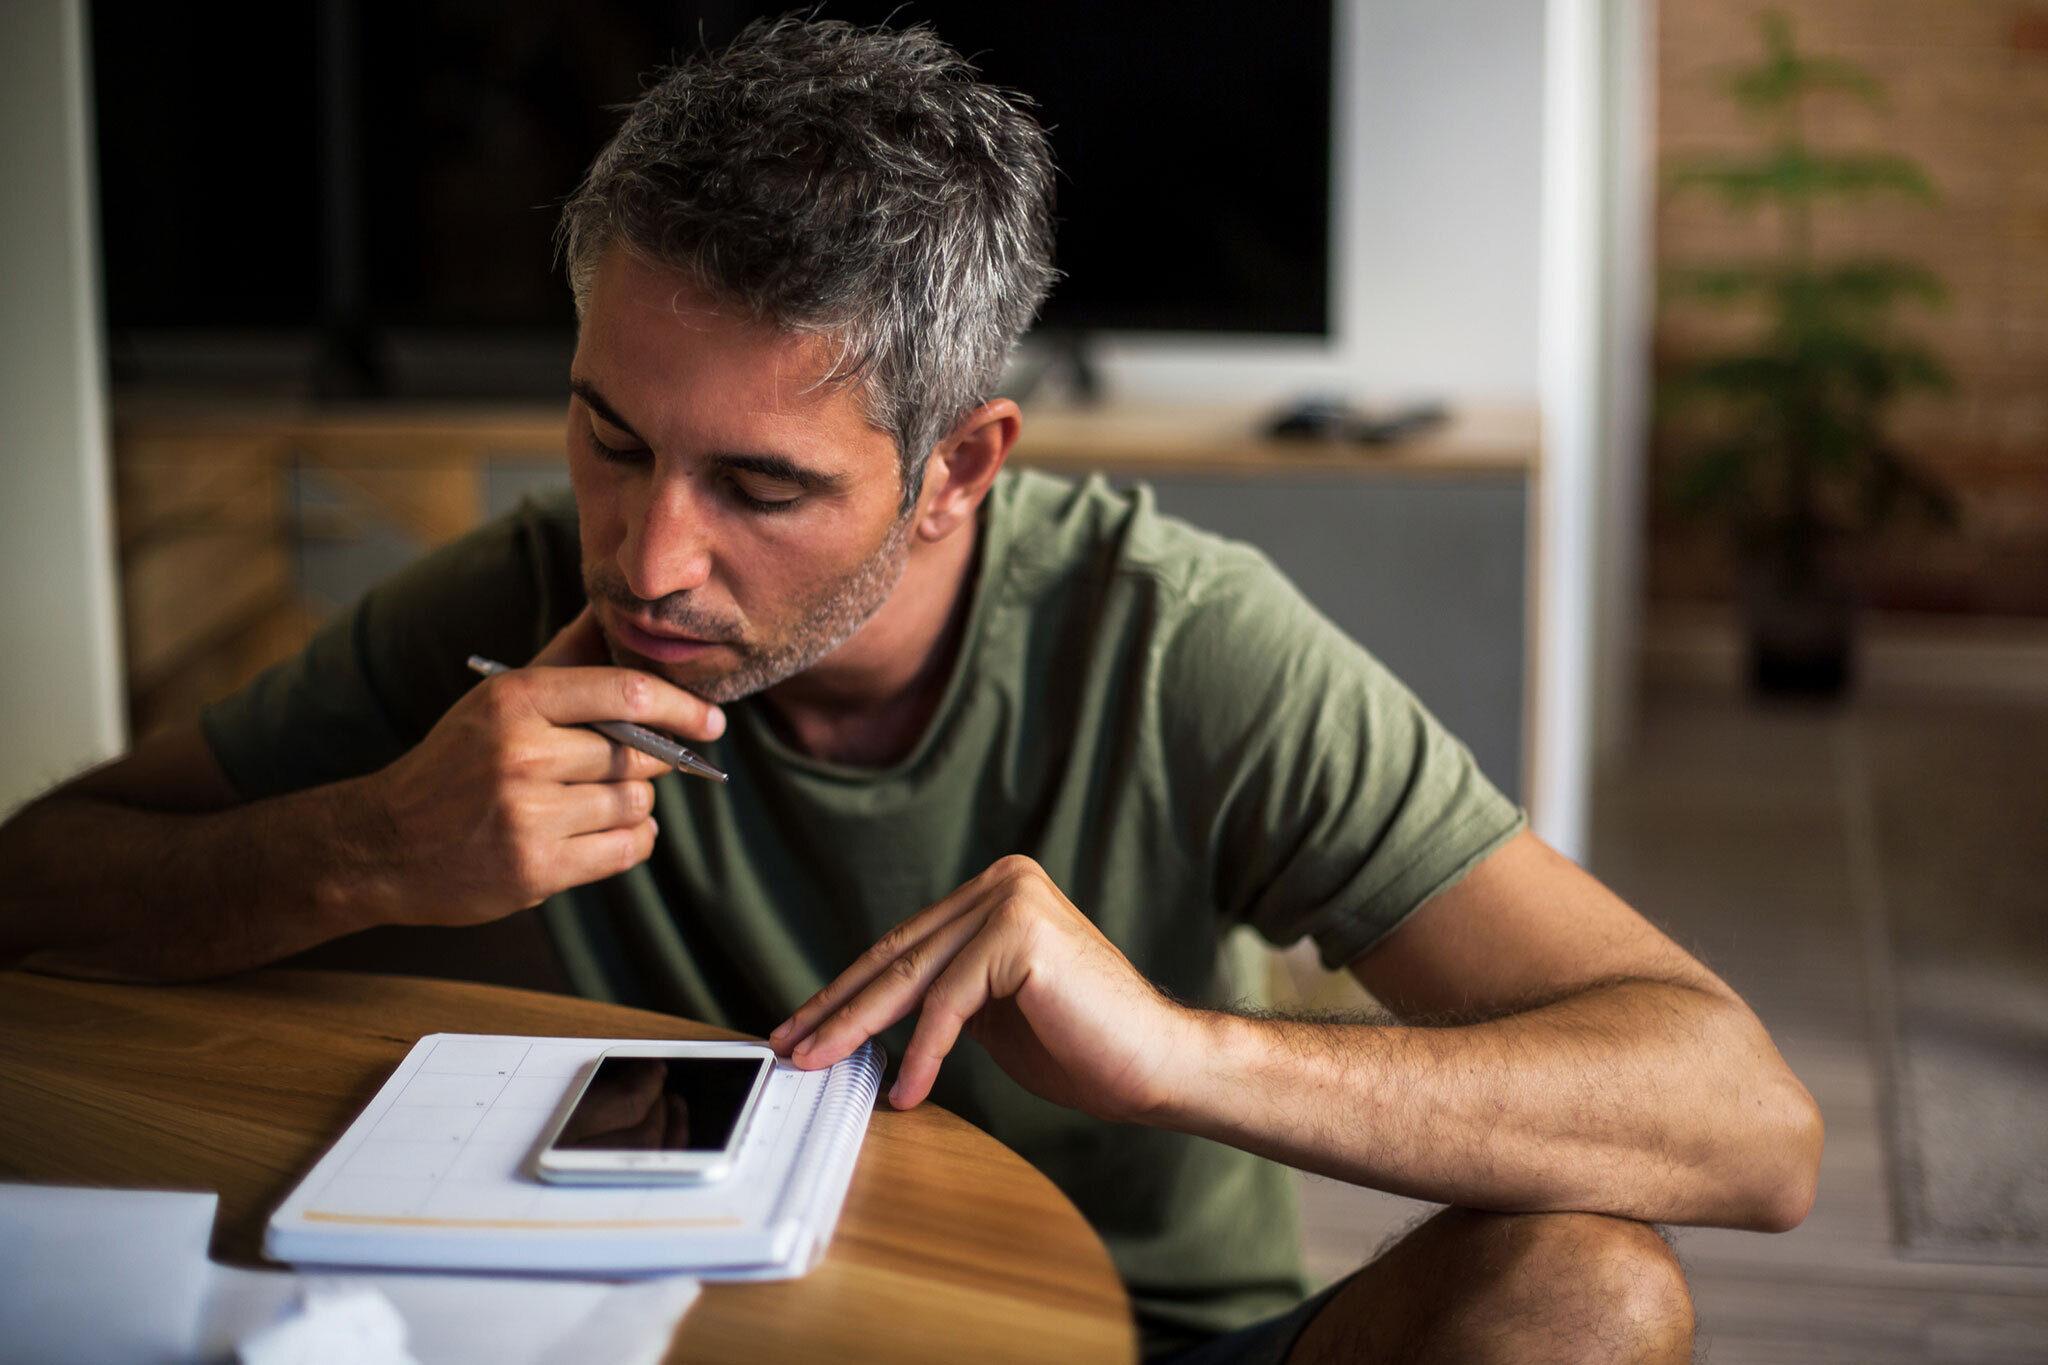 Man viewing bills